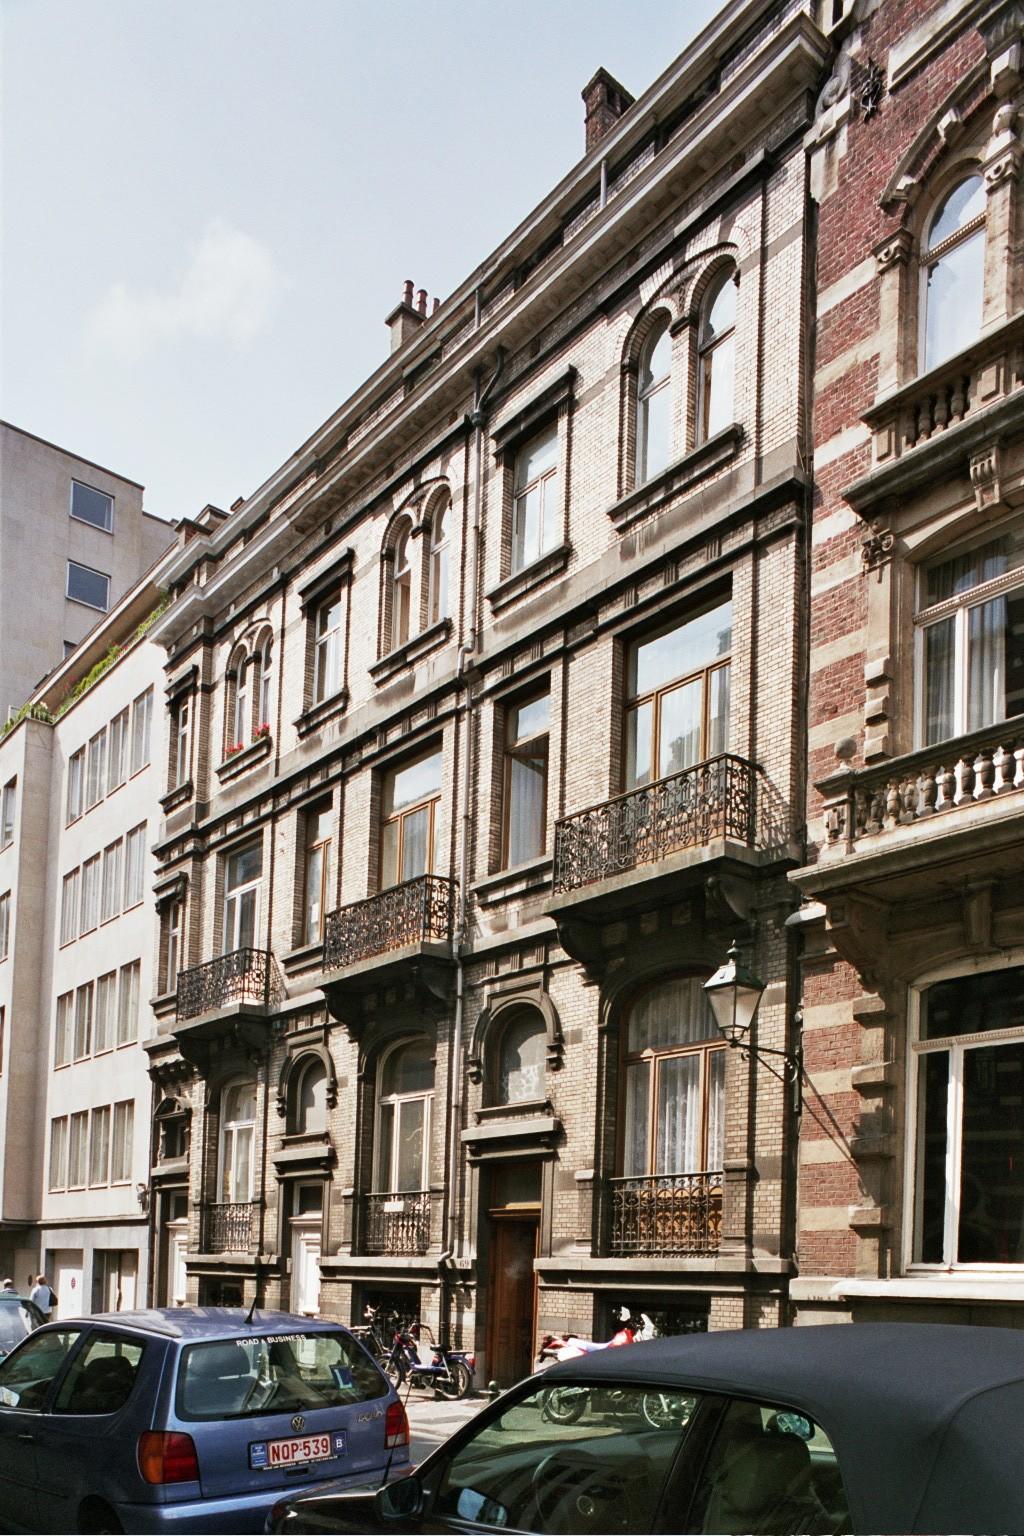 Rue Bosquet 73, 71 et 69., 2004